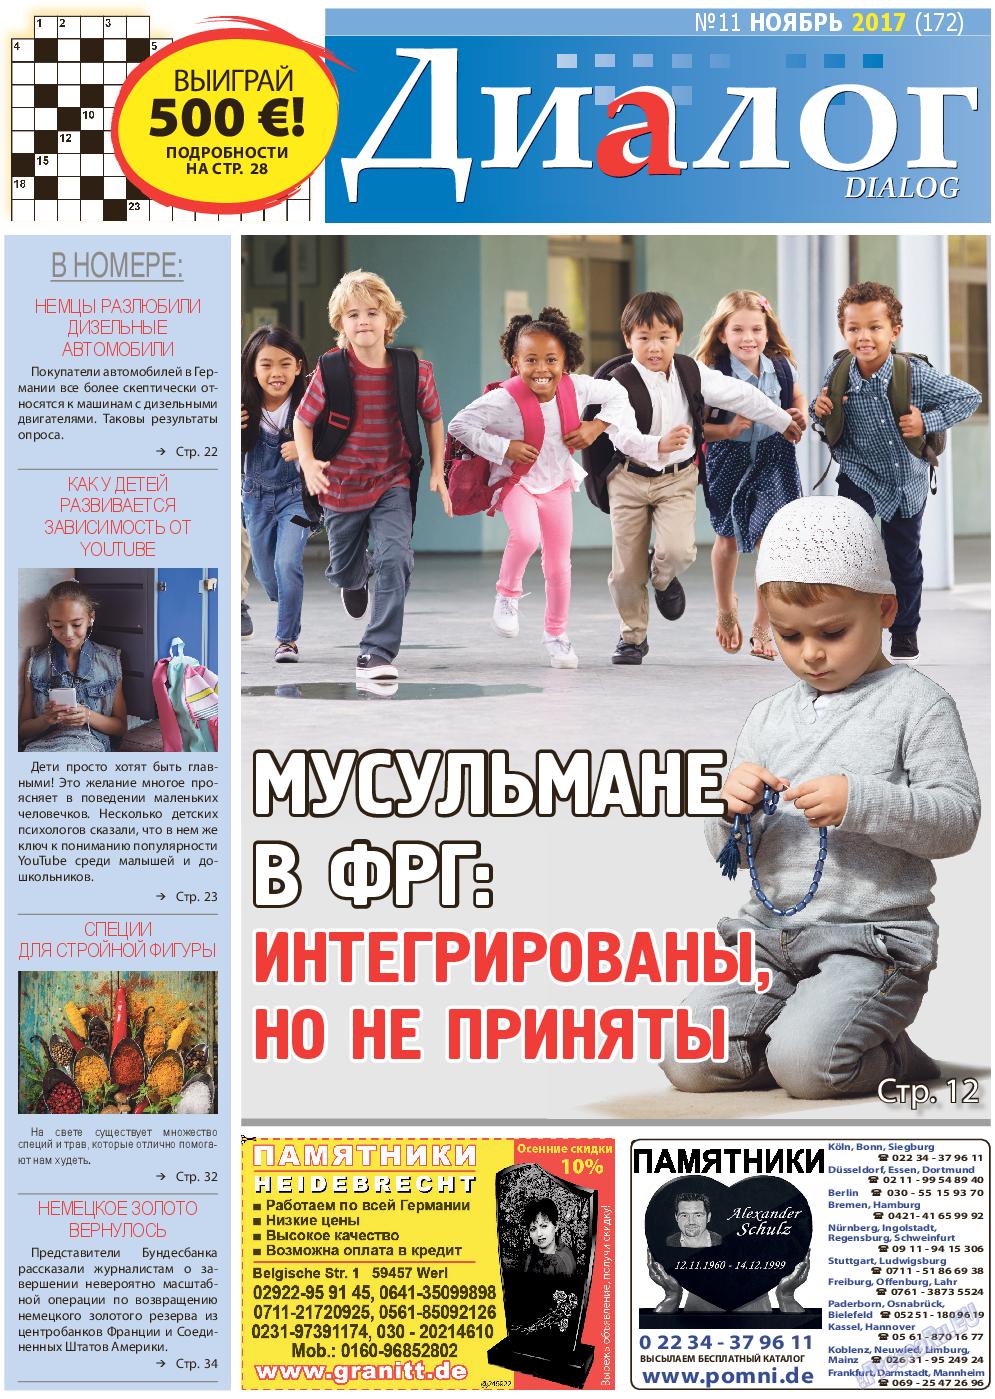 Диалог (газета). 2017 год, номер 11, стр. 1